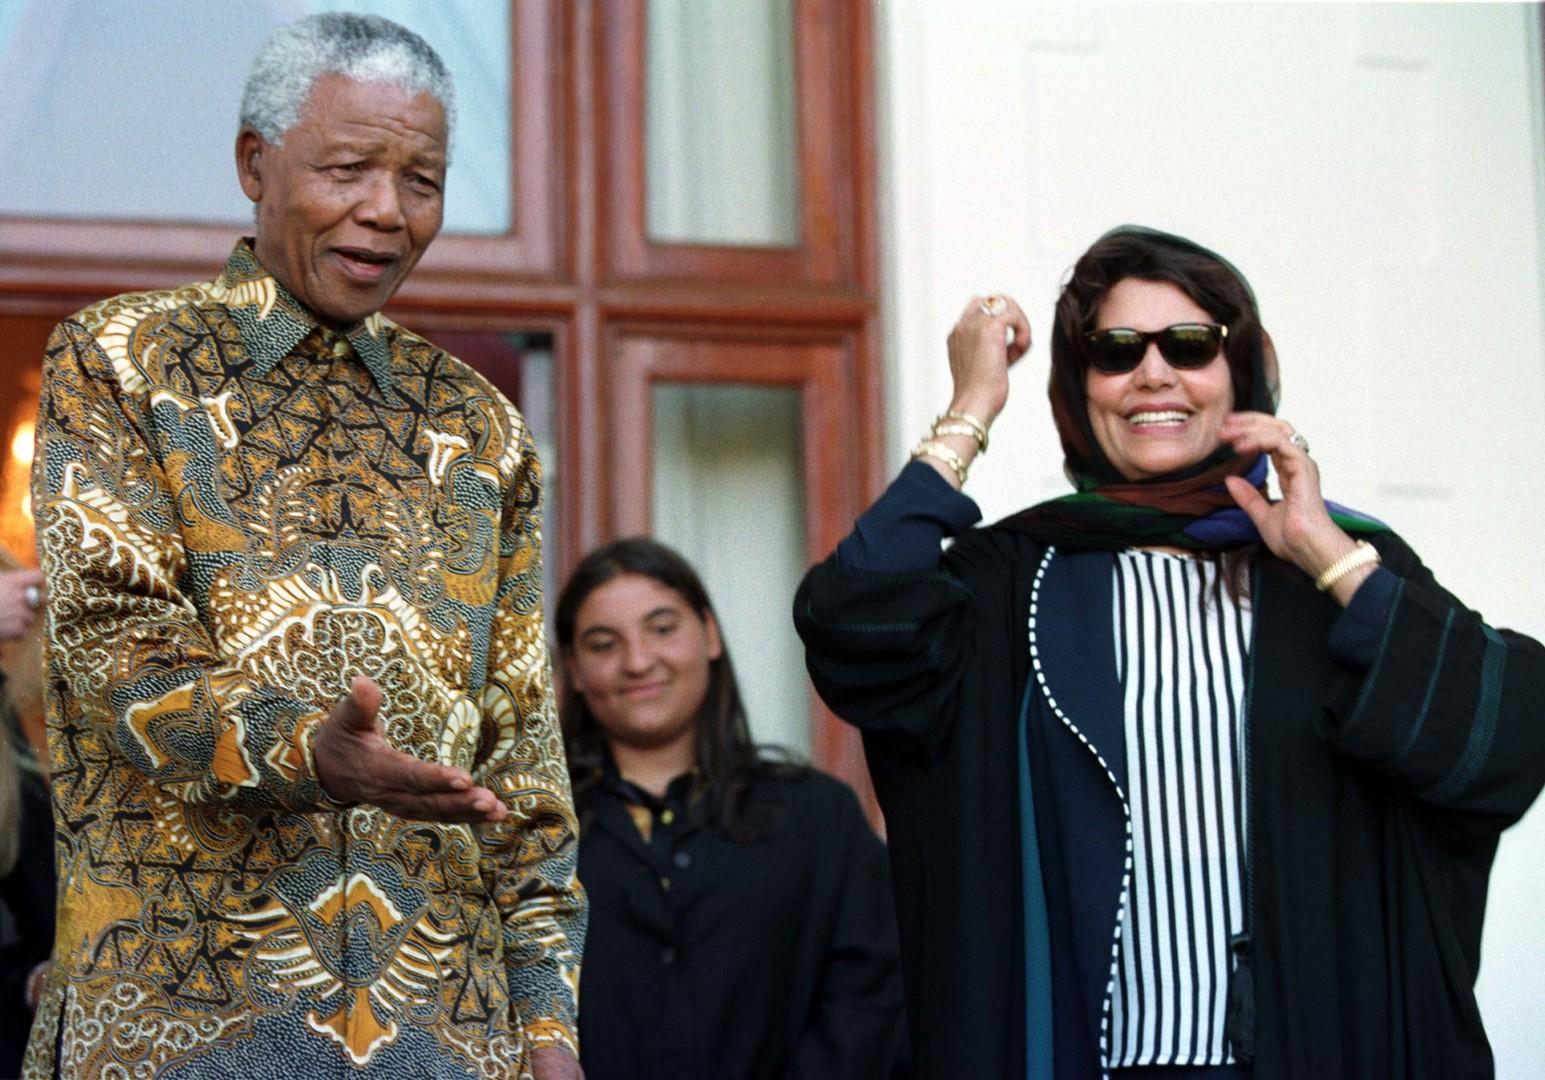 Safia Farkash Kadhafi en compagnie de Nelson Mandela lors d'une visite officielle de son mari, Mouammar Kadhafi. Le Cap, 1999.